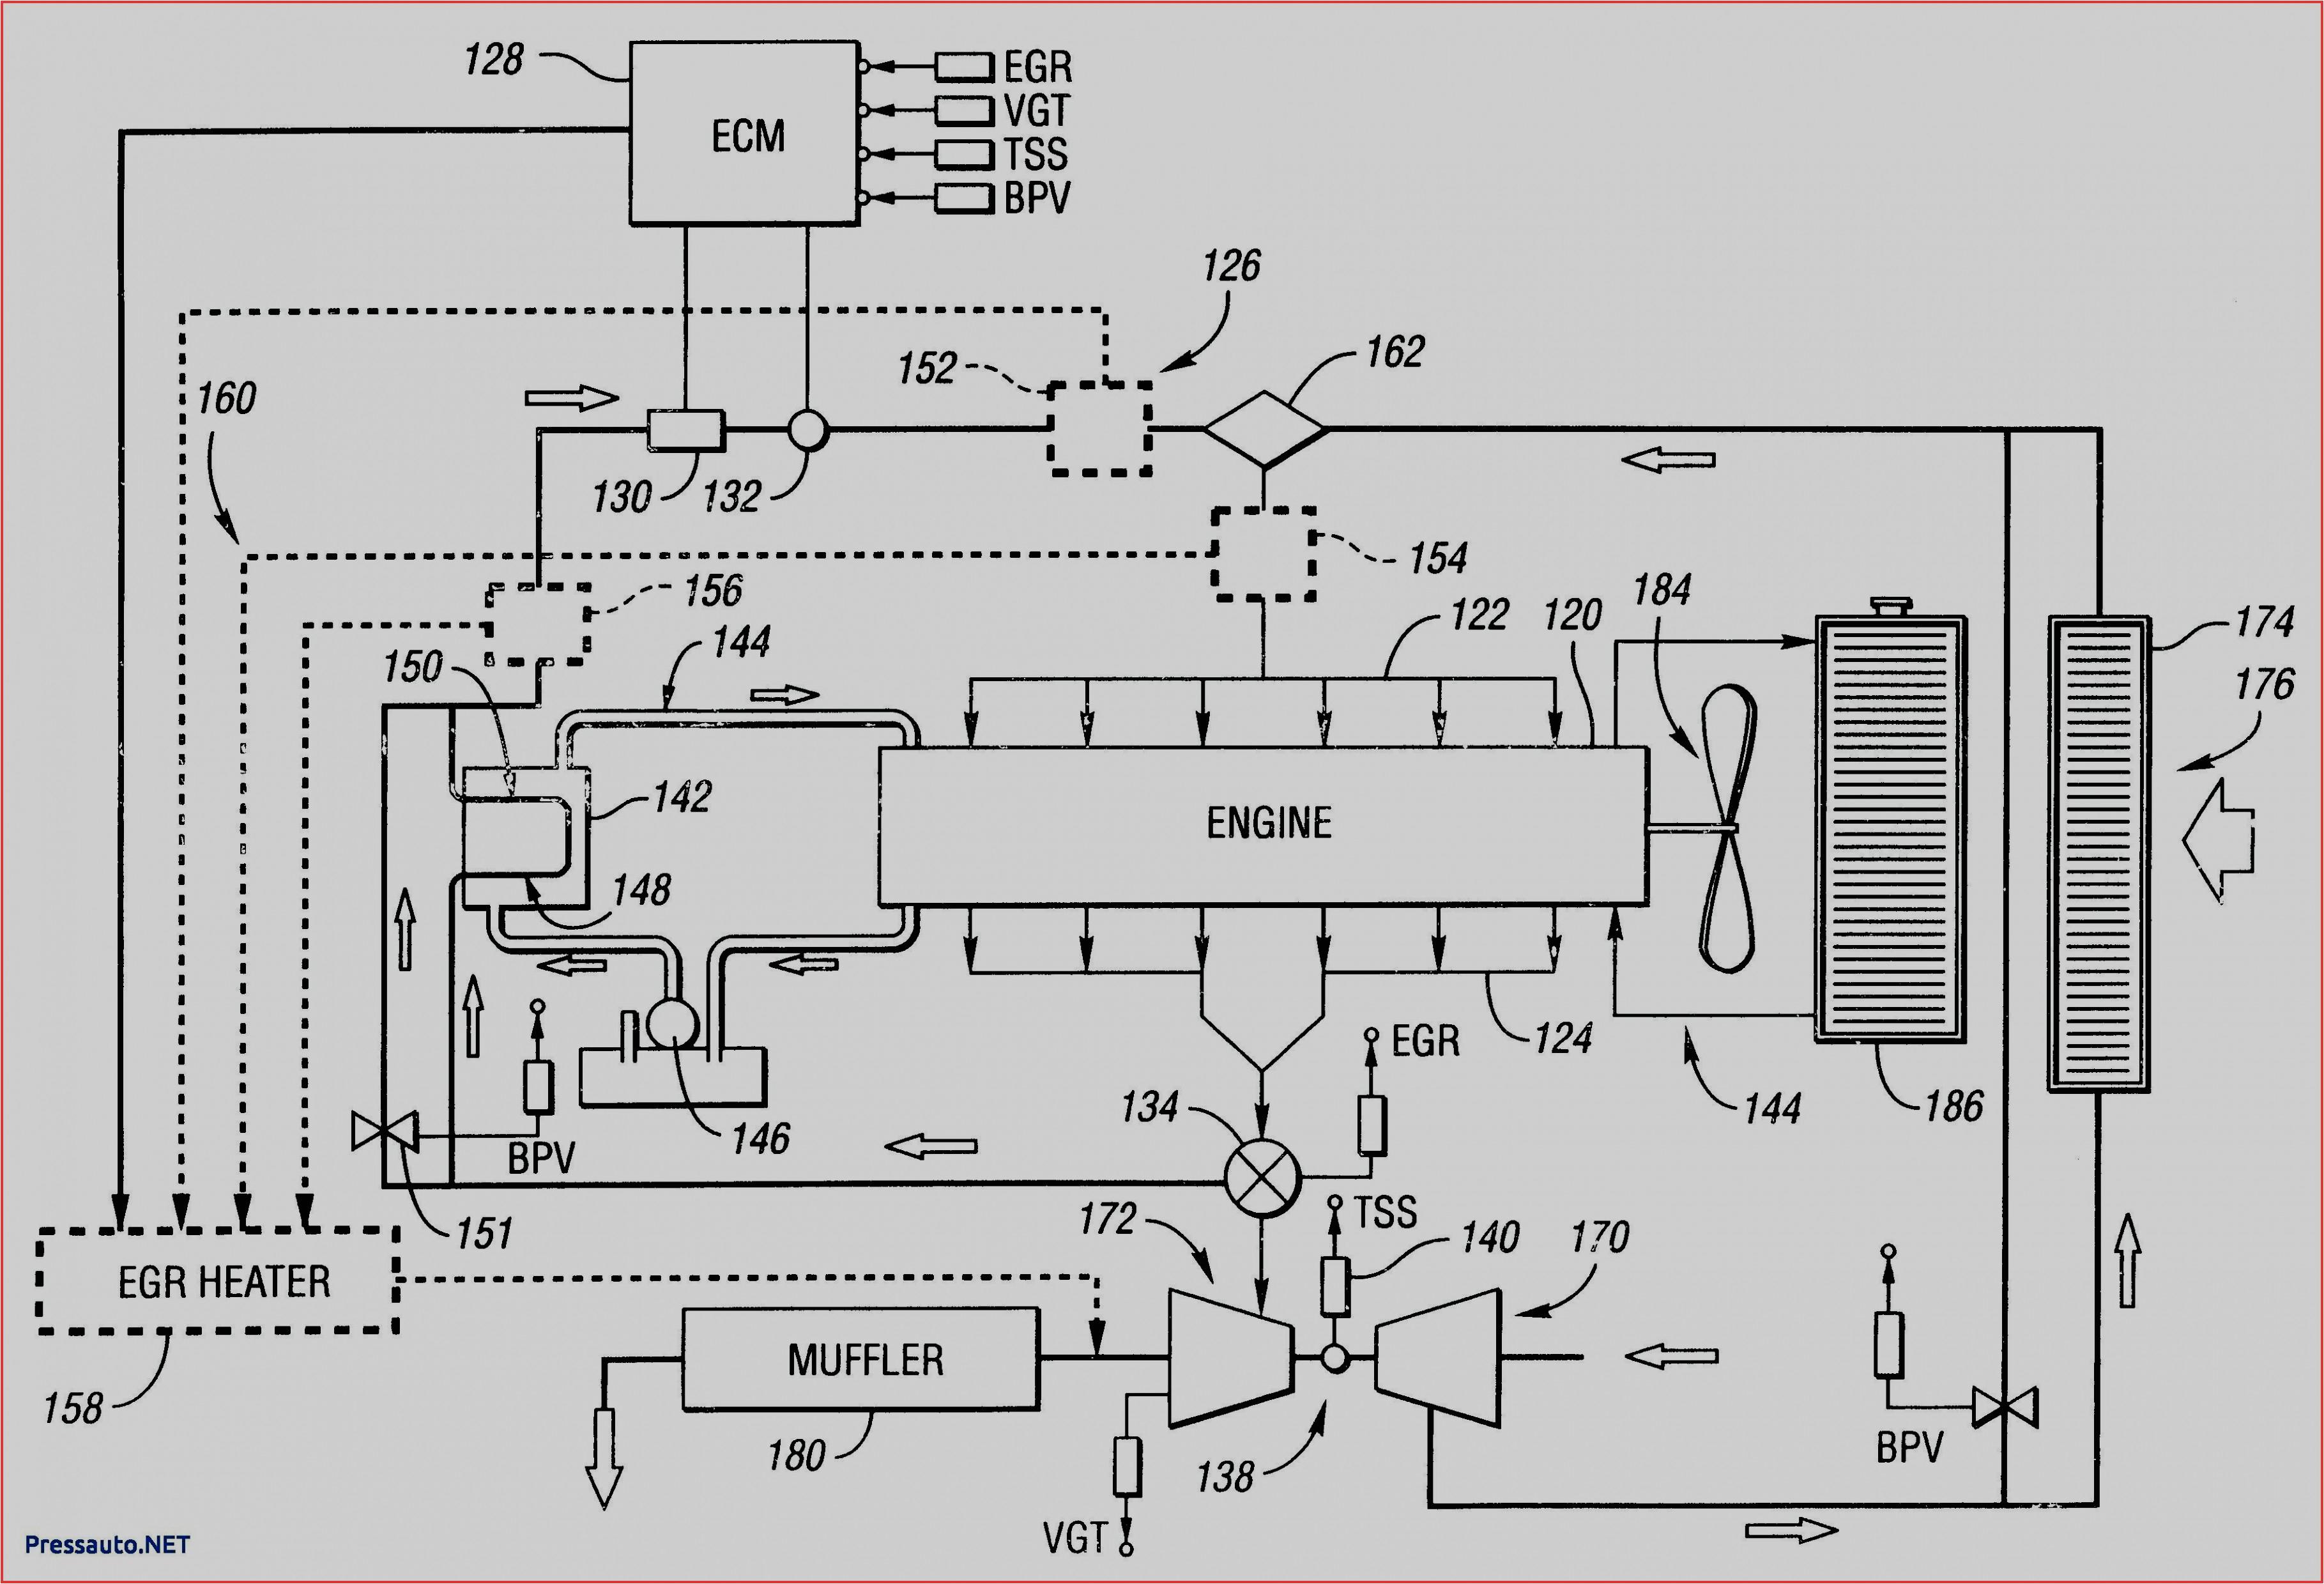 nordyne wiring diagram intertherm wiring diagram reference nordyne e2eb 015ha wiring diagram inspirational how to make